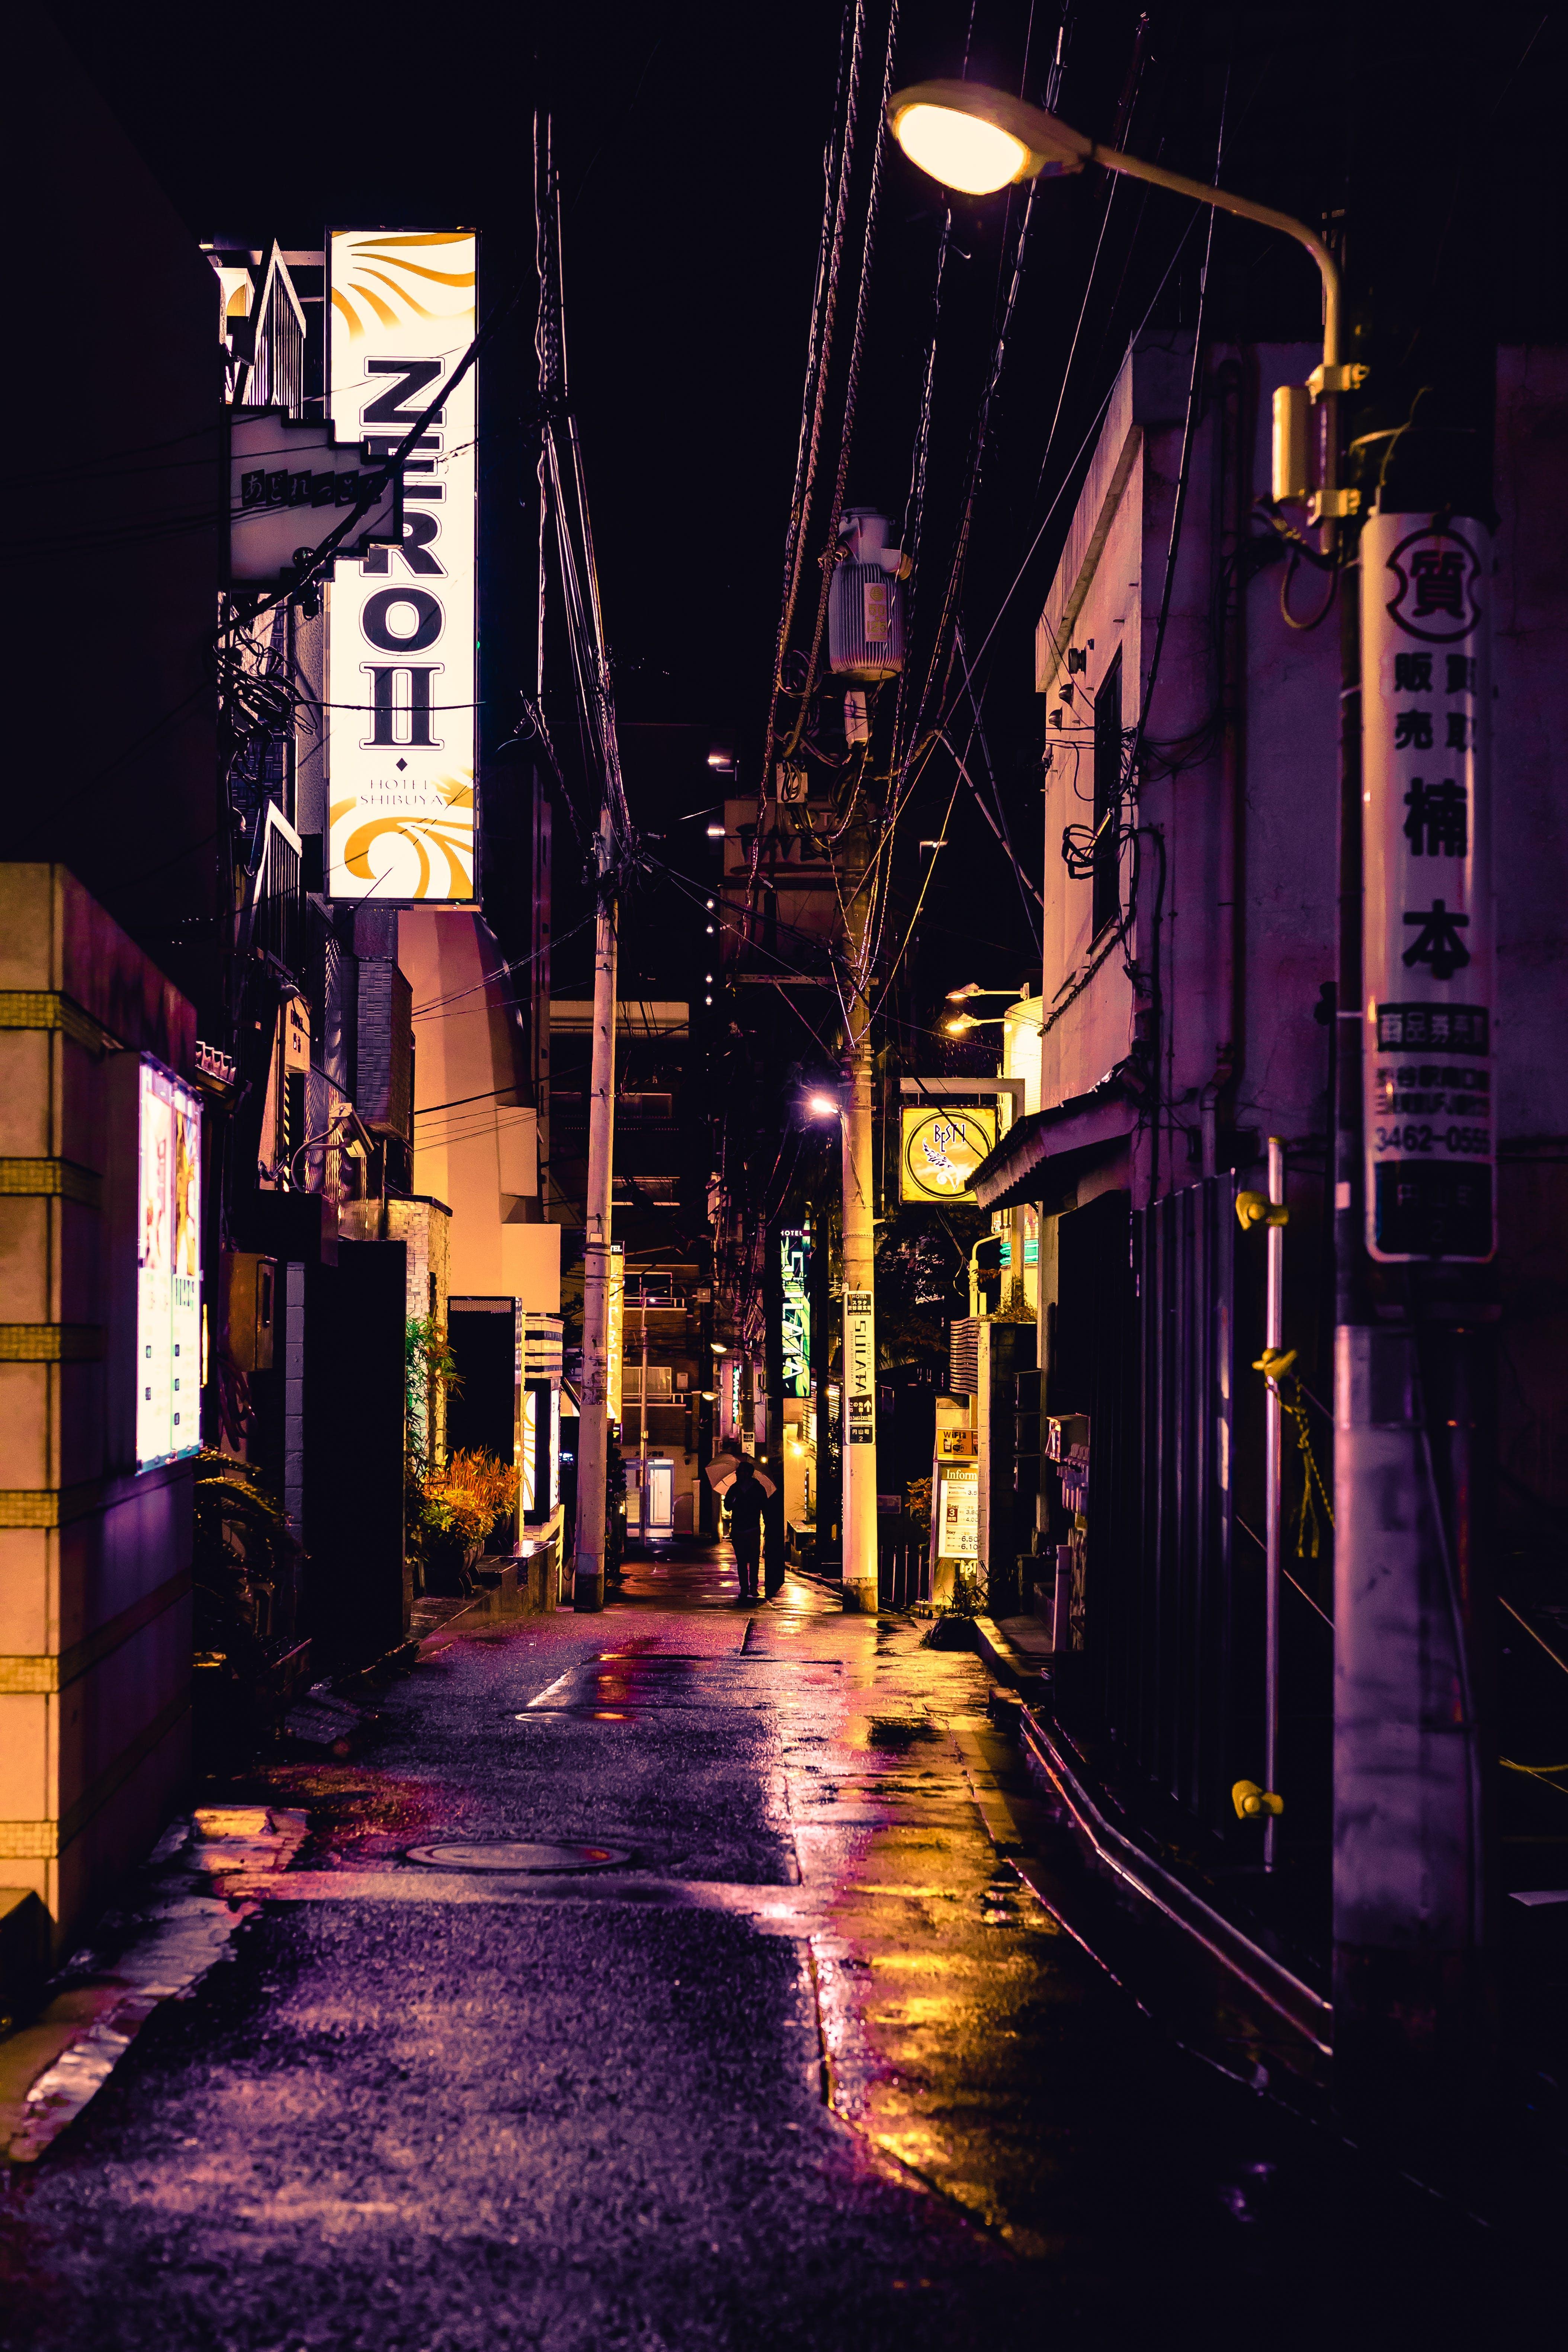 Fotos de stock gratuitas de calle, ciudad, edificios, farola